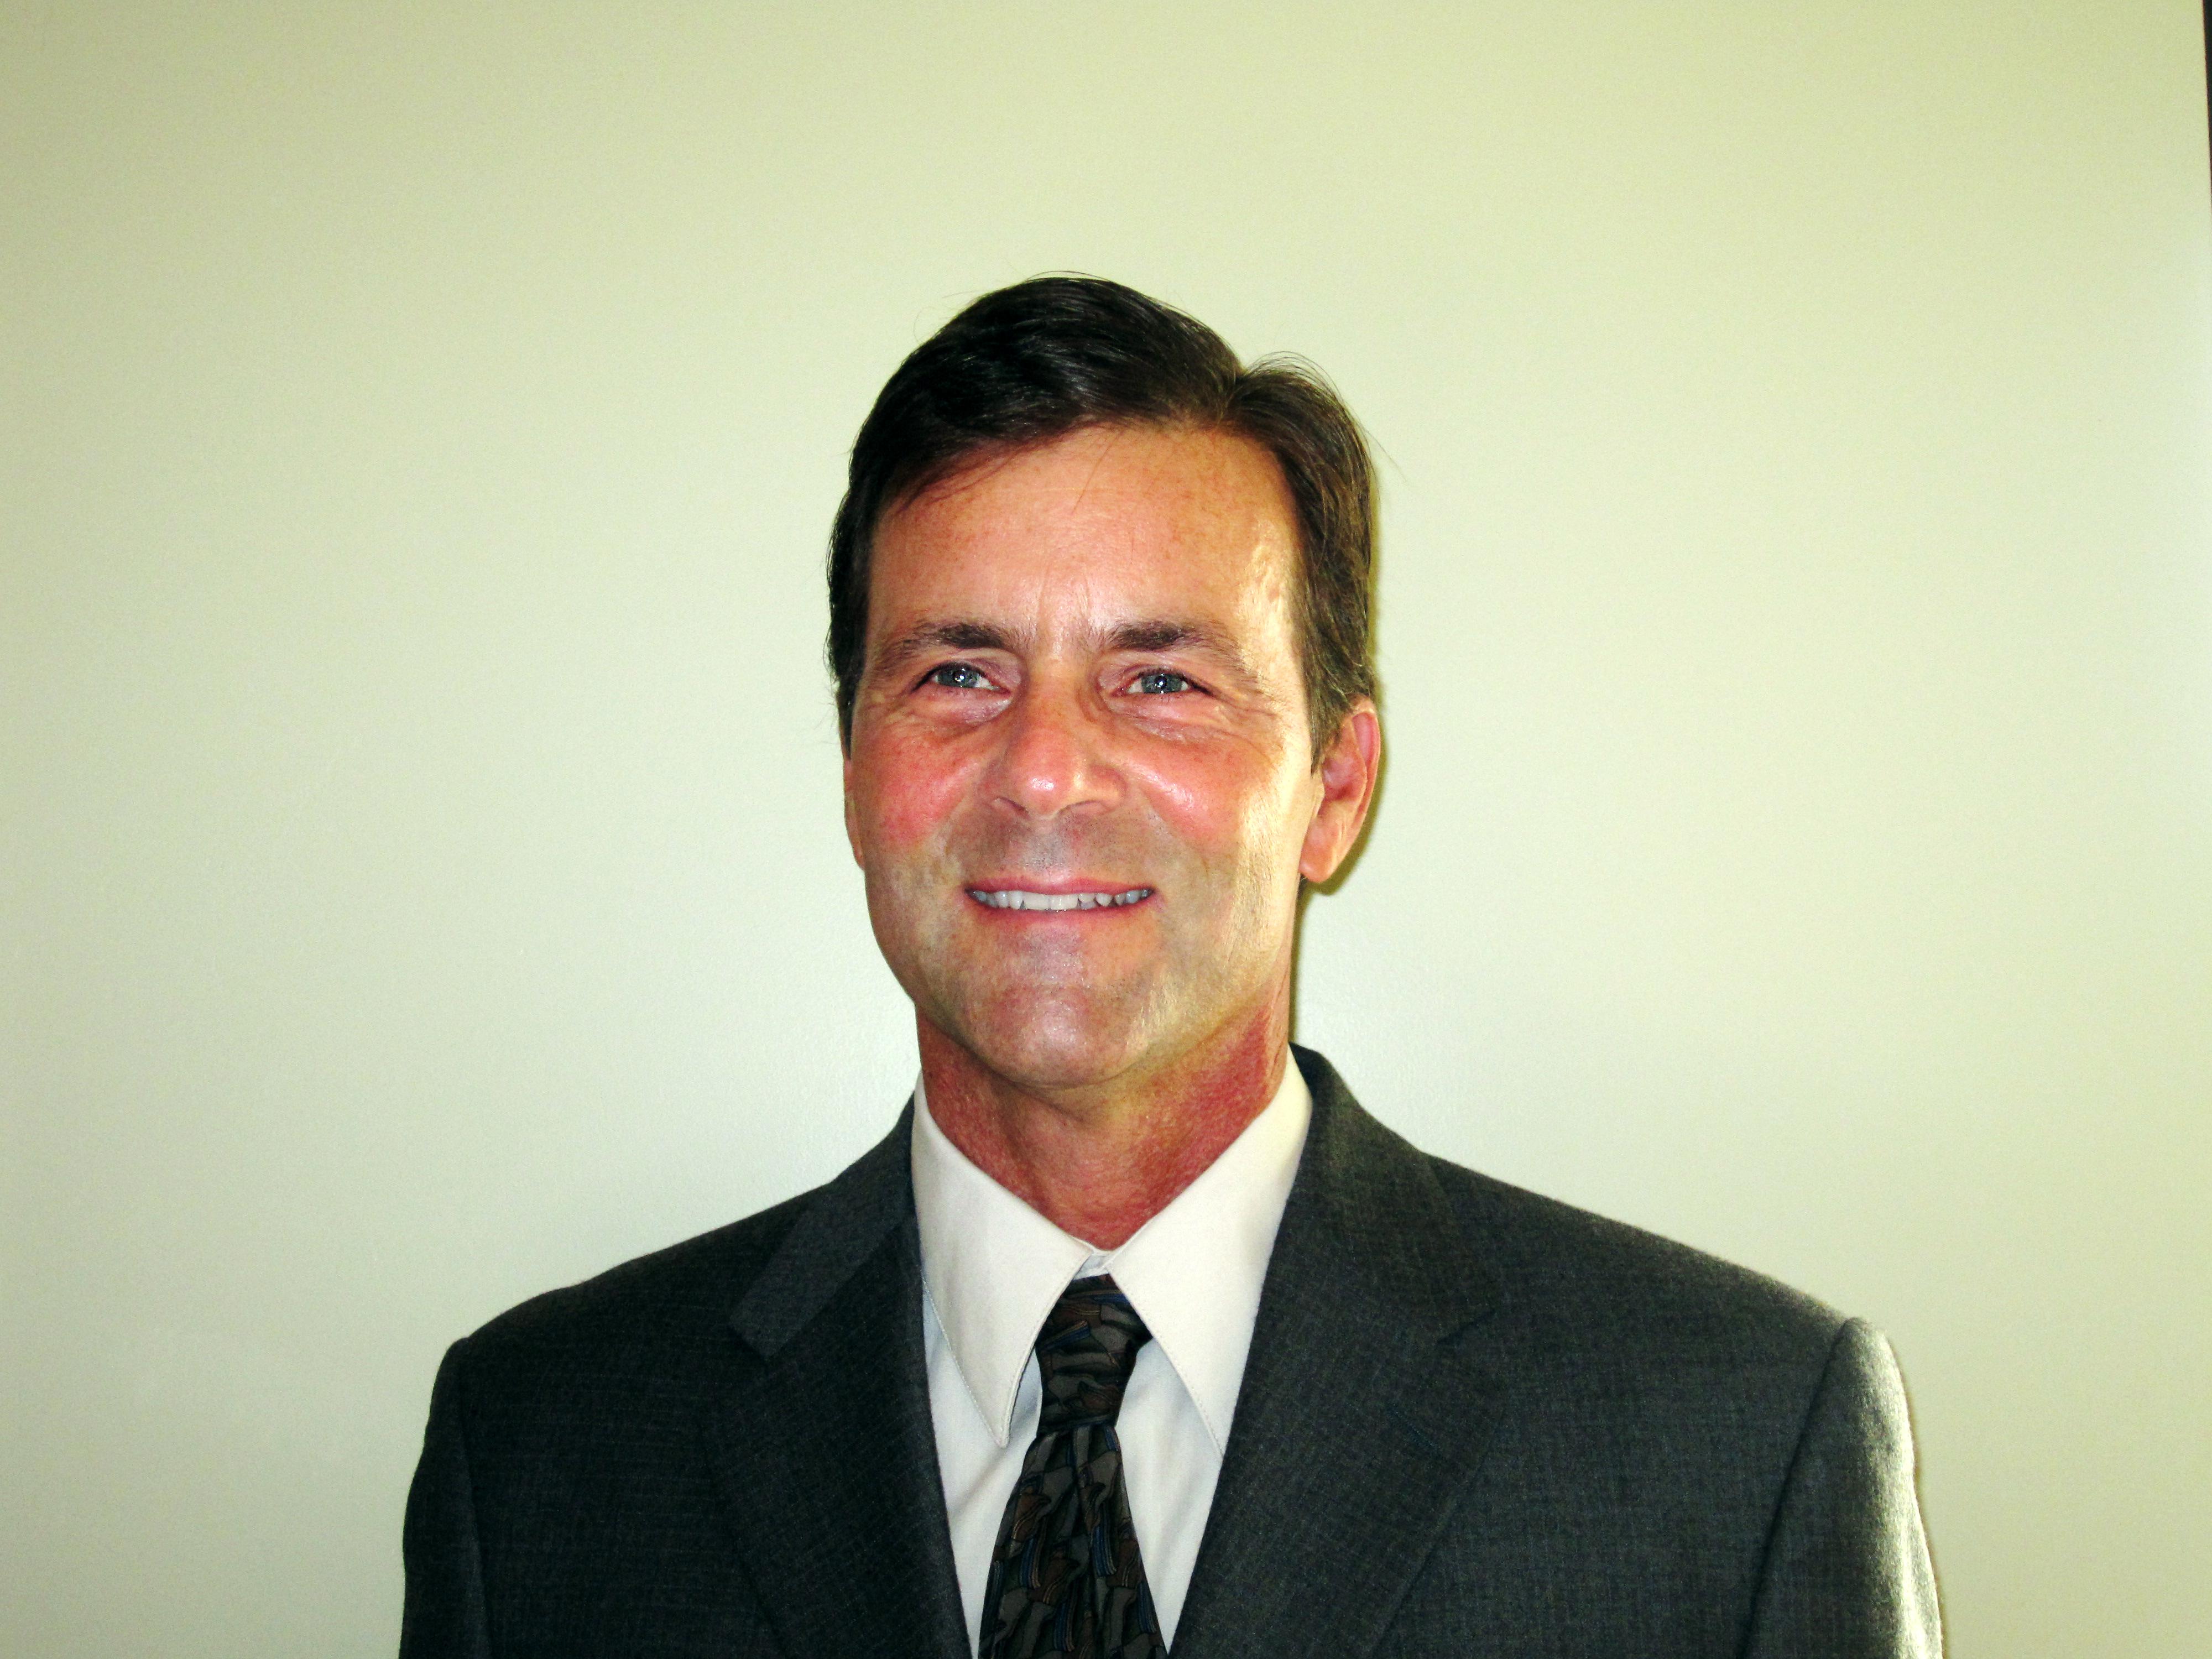 Craig Wenzlick